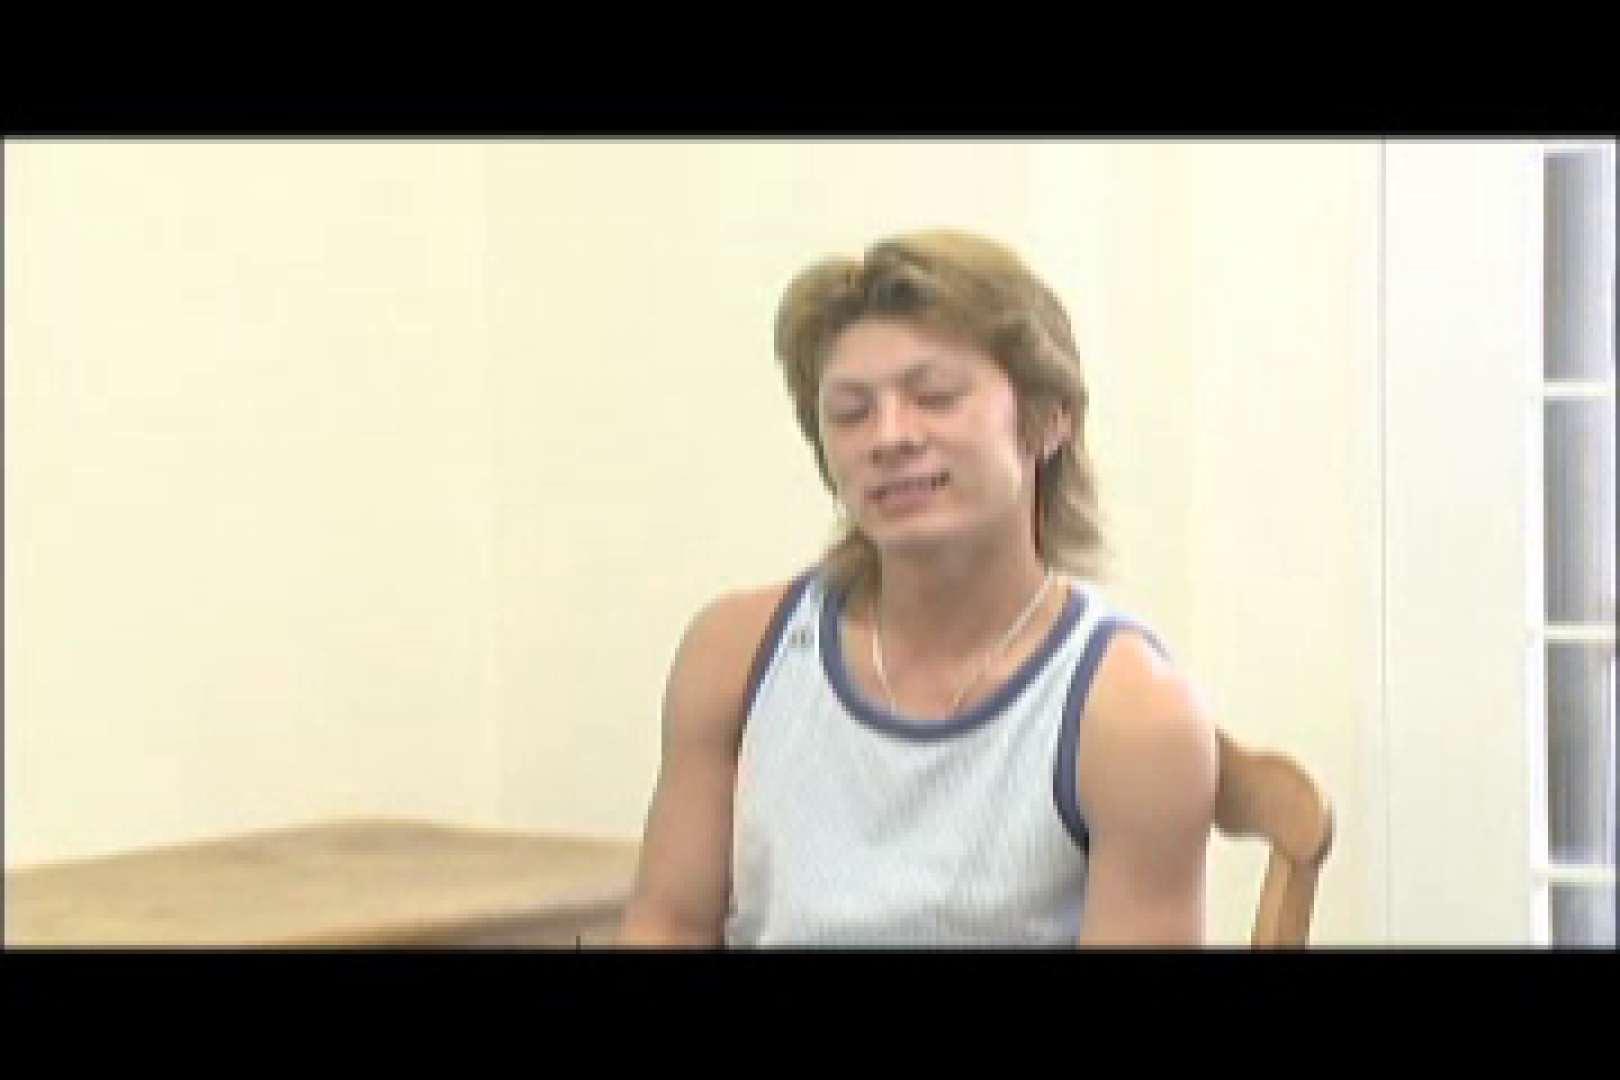 イケメン☆パラダイス〜男ざかりの君たちへ〜vol.15 エロすぎフェラ | ケツマン  10枚 2